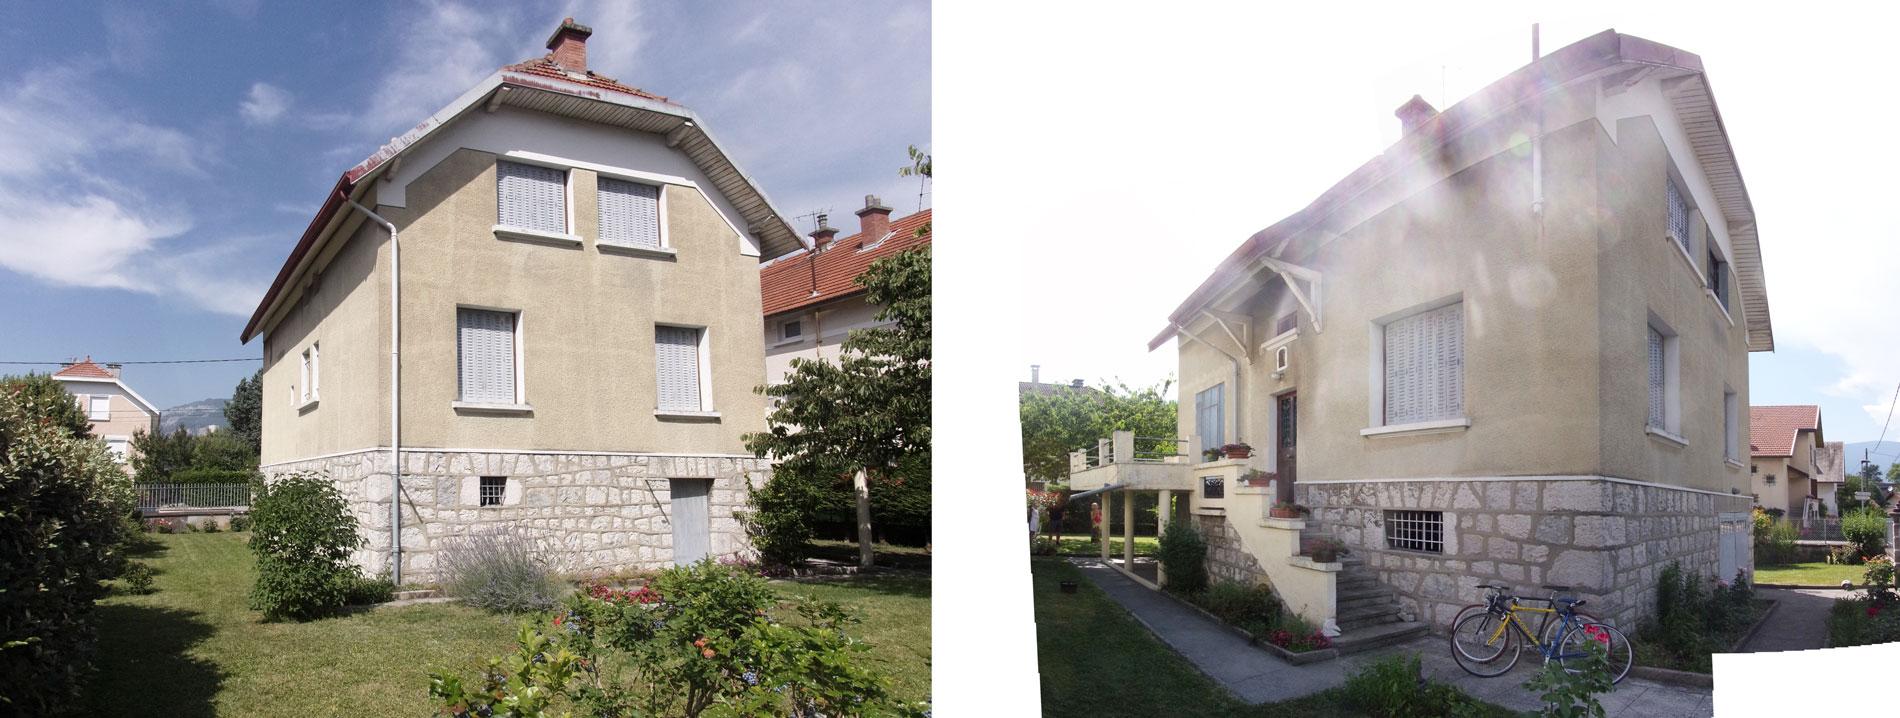 asb-architecture-savoie-chambery-renovation-maison-de-ville-bois-enduit-existant